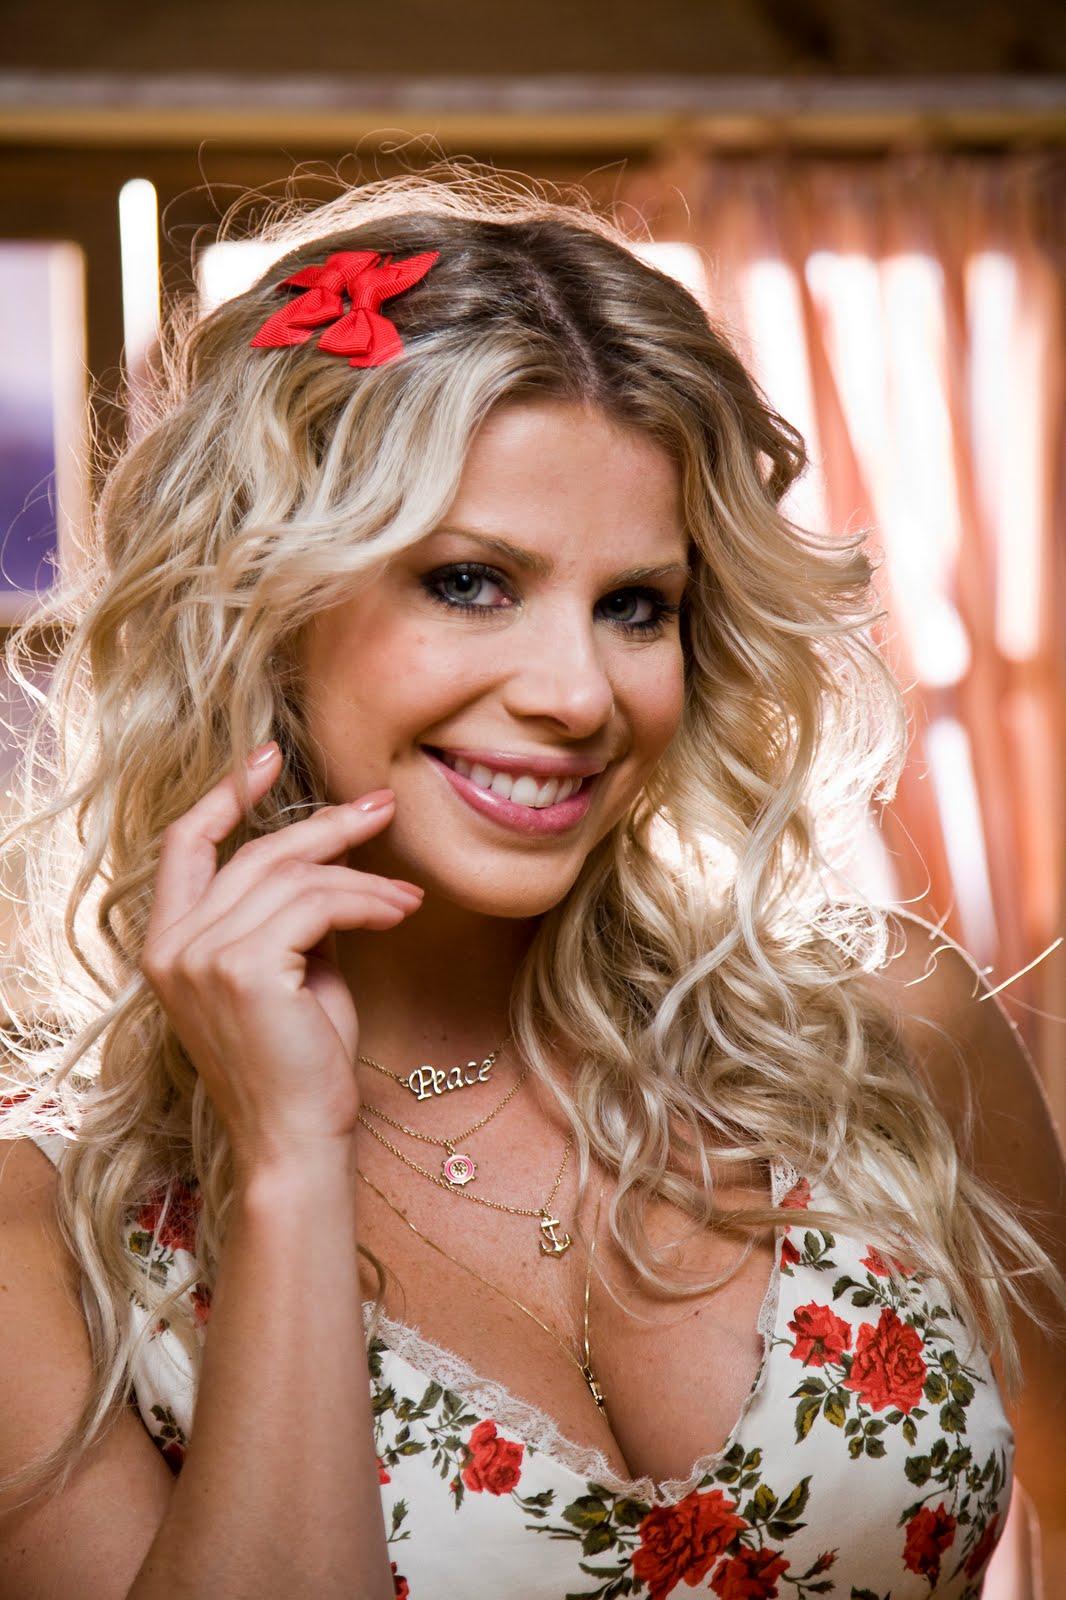 http://1.bp.blogspot.com/_8WgBL3vP450/TDcwz5aA2qI/AAAAAAAABdU/ru-ViVyAGVU/s1600/Karina_Bacchi.jpg